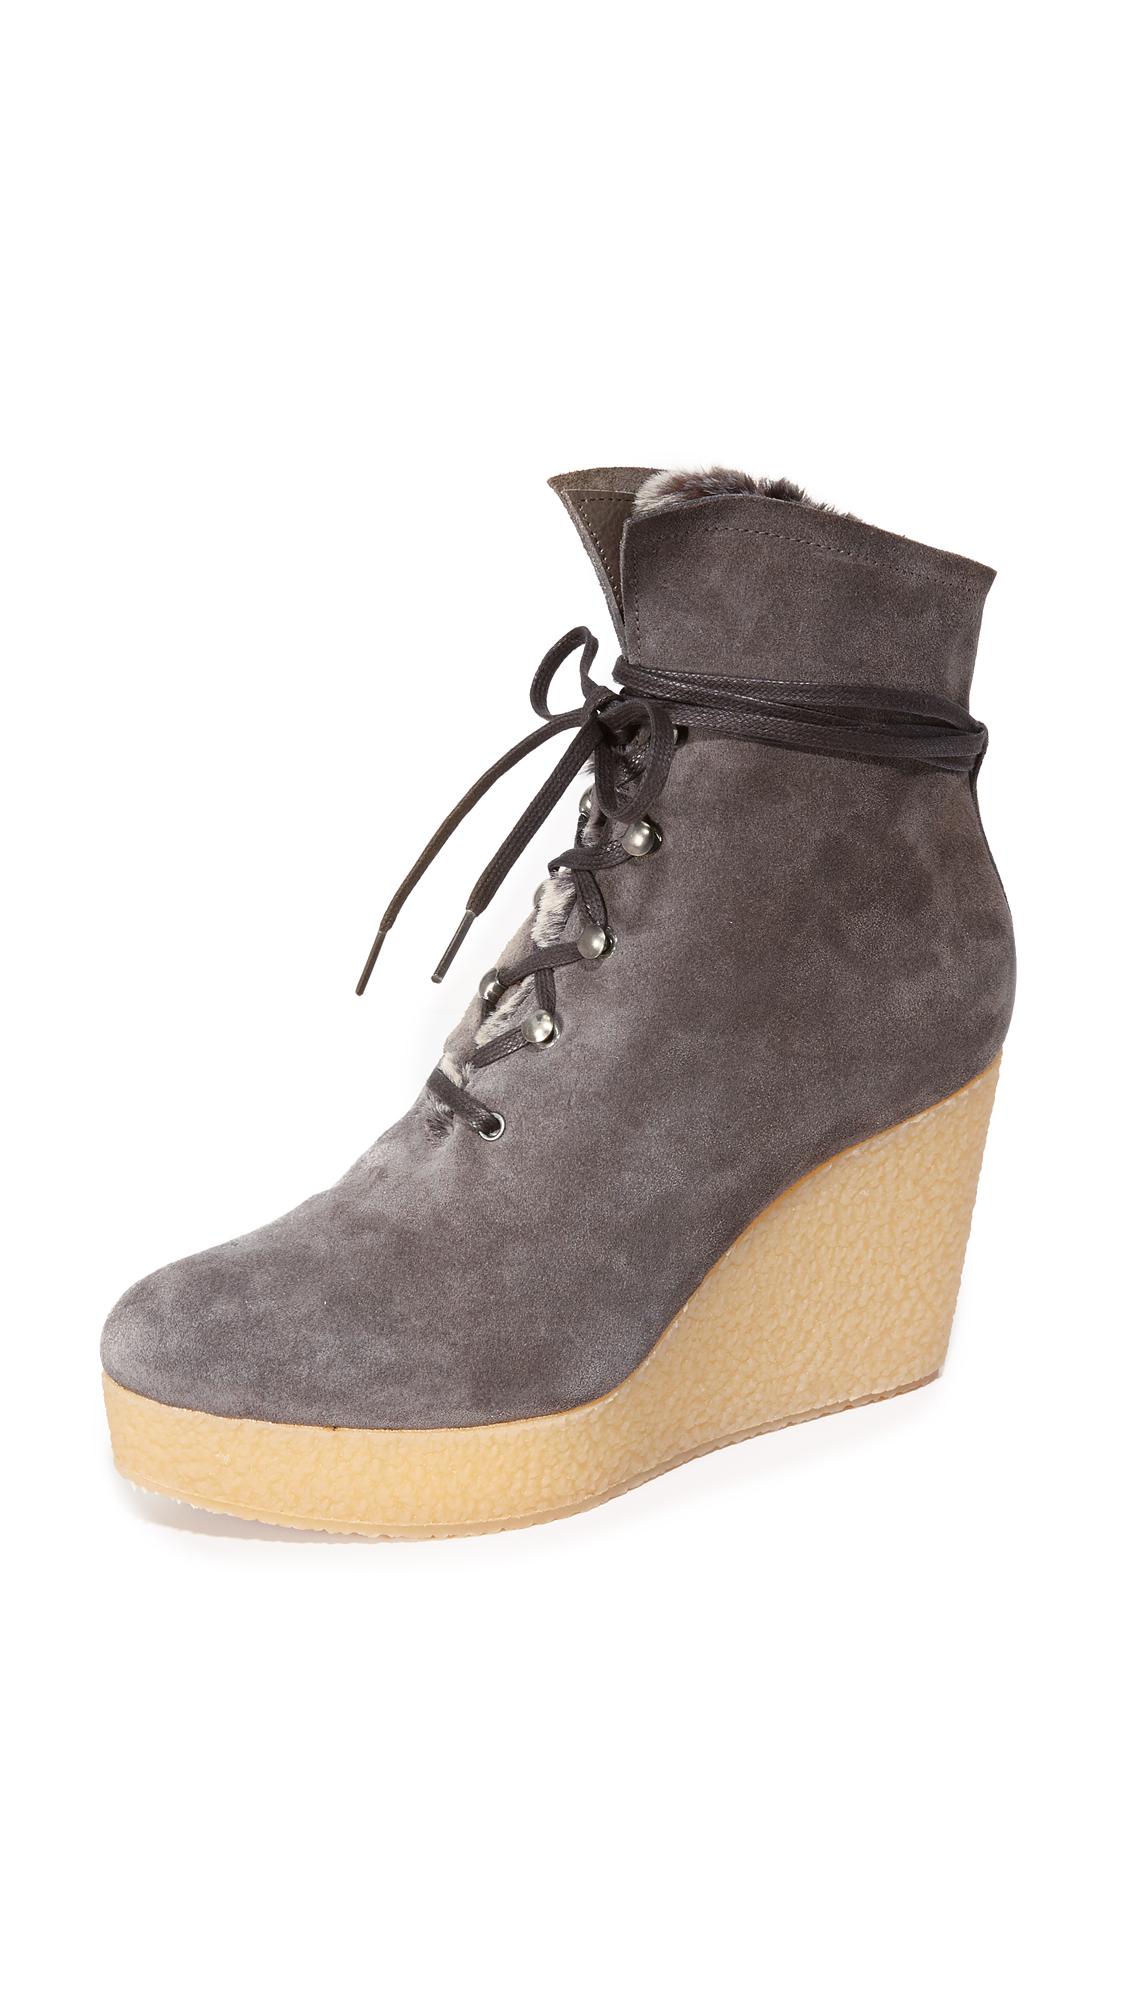 Coclico Shoes Nagy Sherpa Platform Wedge Booties - Hammer Ebano at Shopbop